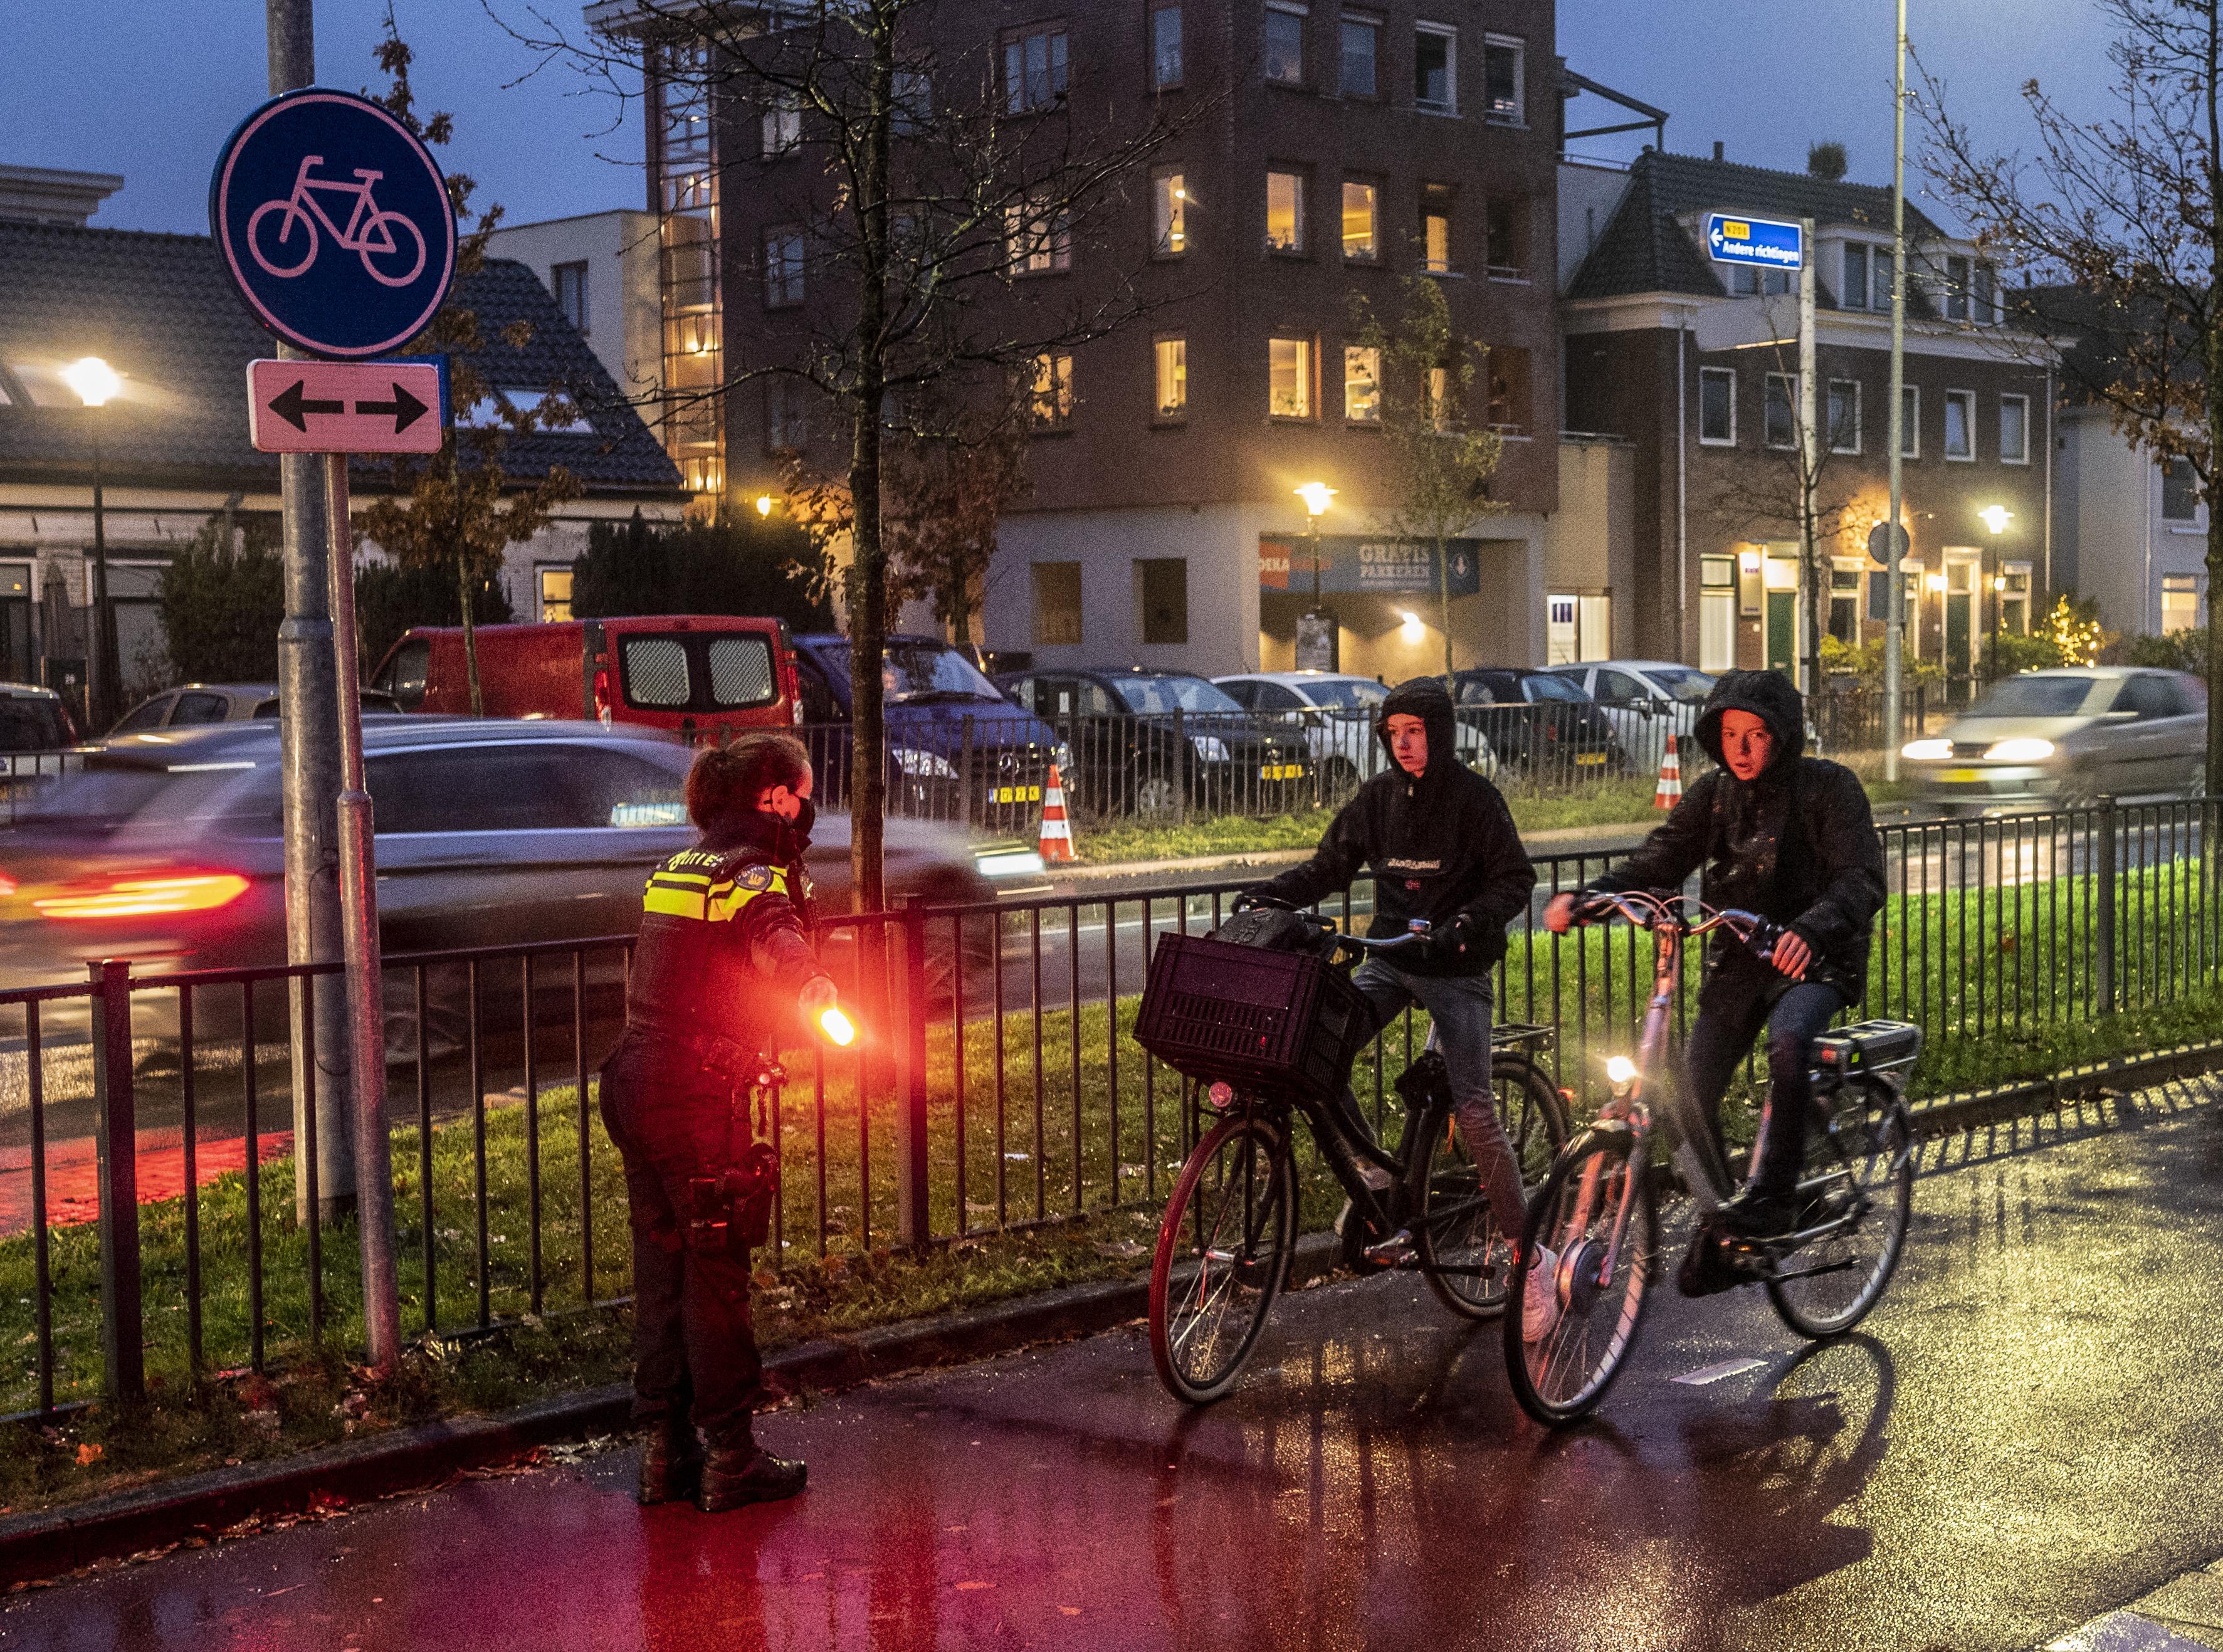 Politie controleert fietsverlichting rond Fioretti College in Hillegom: 'Kunt u die bekeuring even snel doen? Ik heb haast'